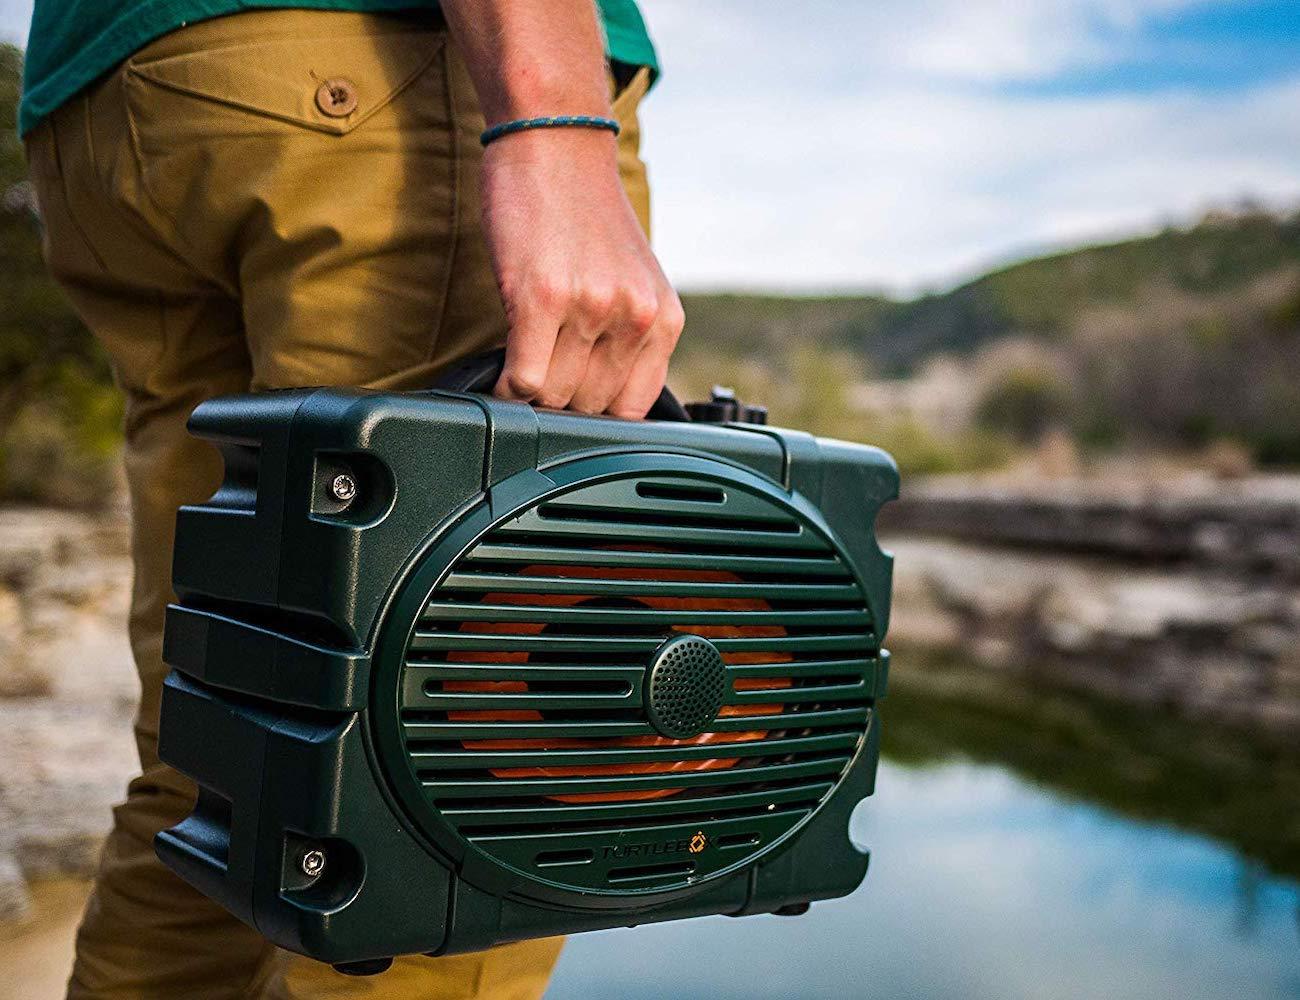 Turtlebox Loud Waterproof Outdoor Speaker delivers up to 120dB